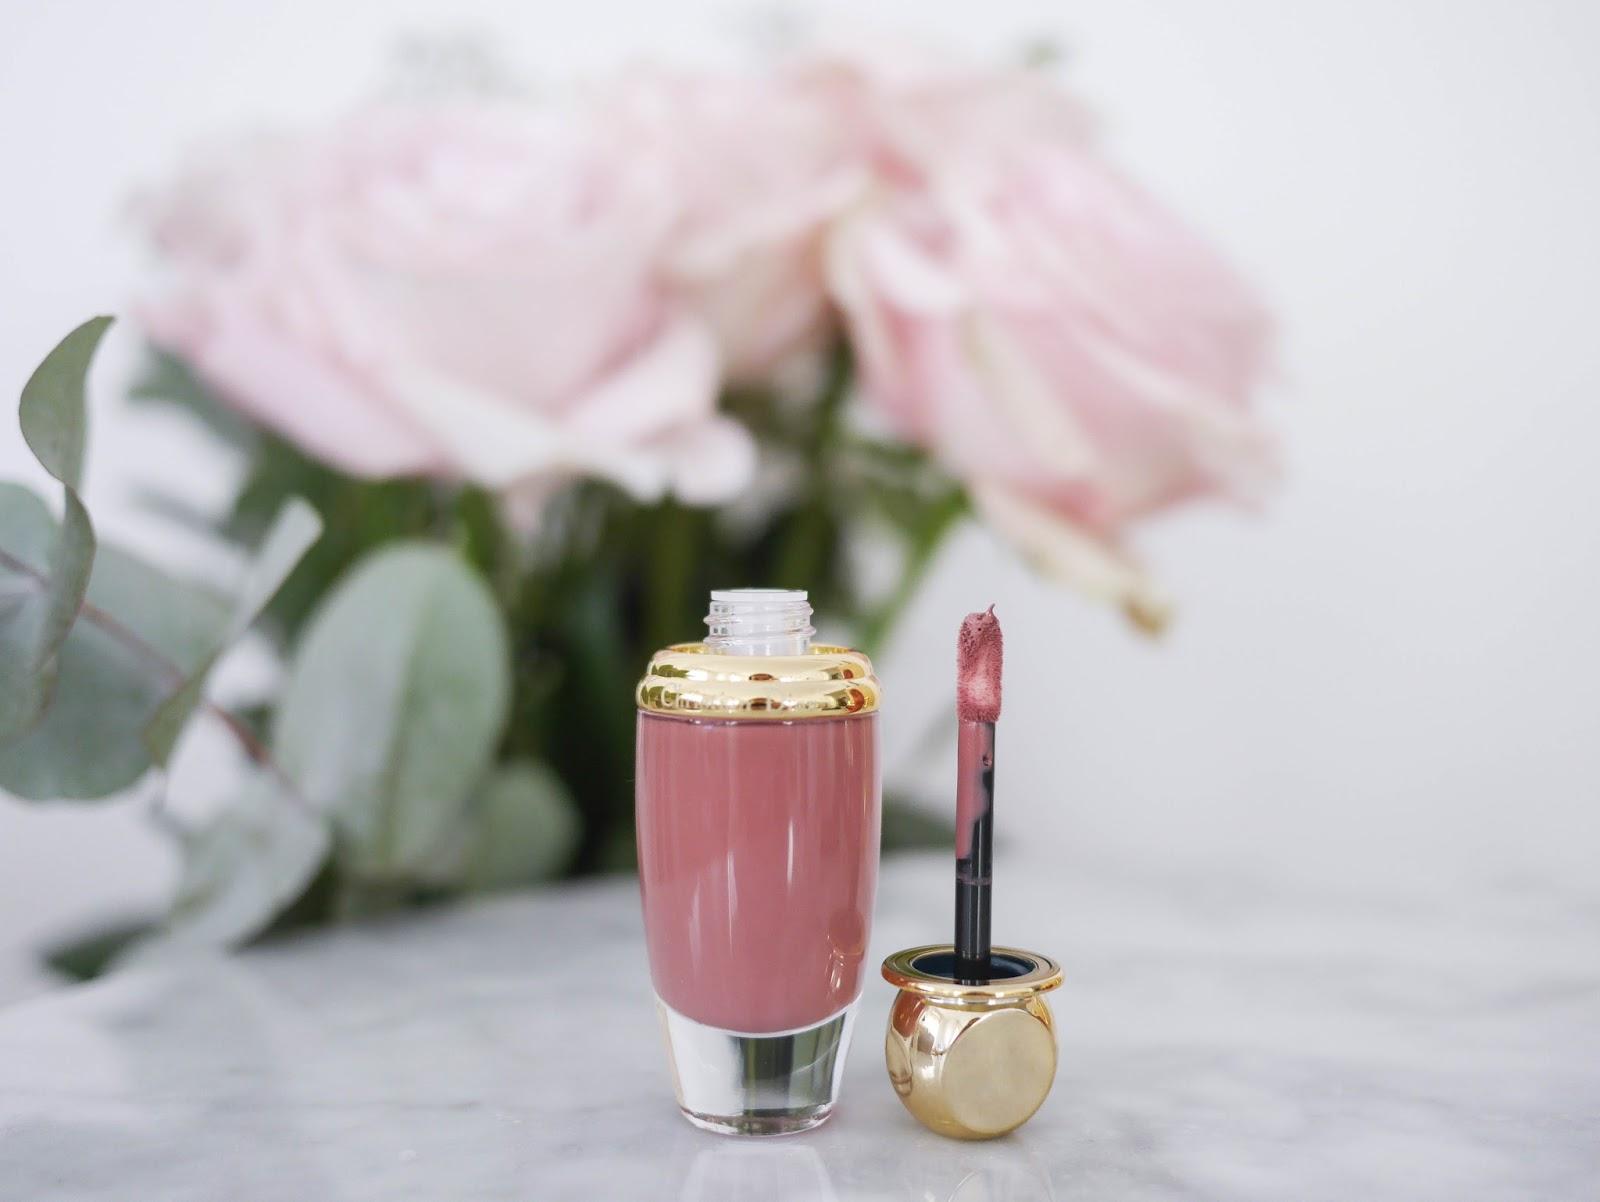 diorific matte fluide nude Charm Dior parisgrenoble